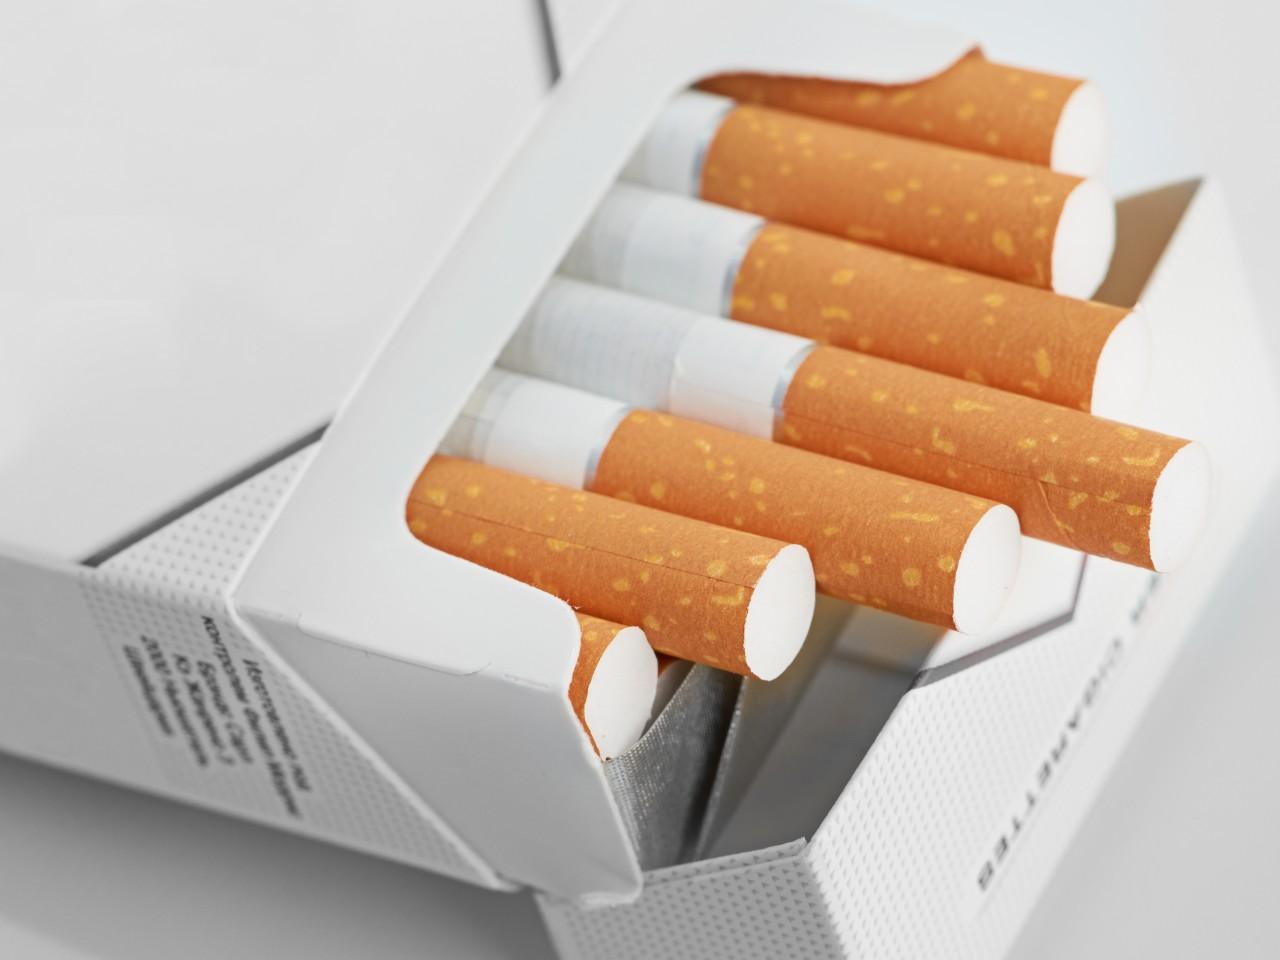 Срок годности и срок хранения сигарет, в том числе электронных